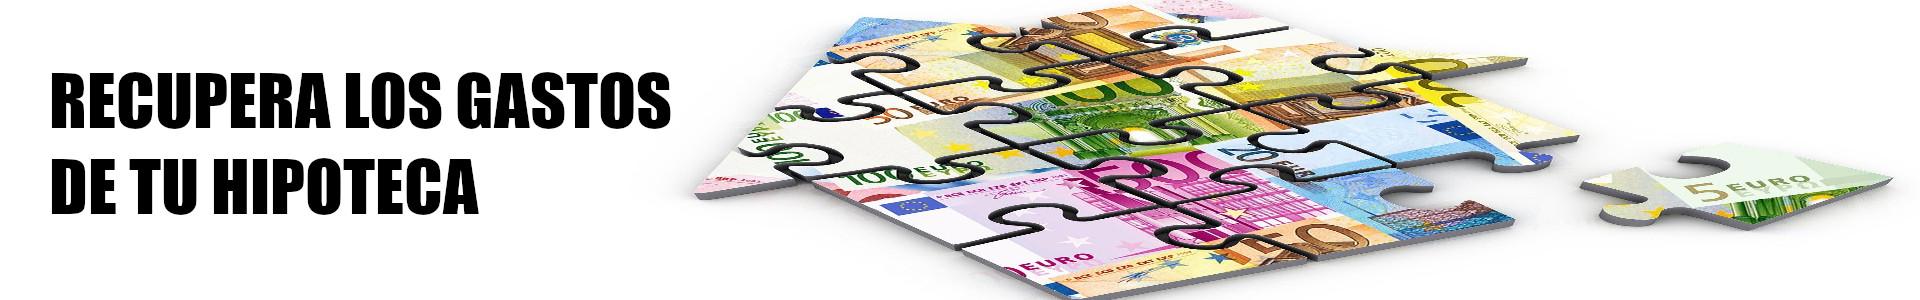 gastos-hipoteca-casa-puzzle